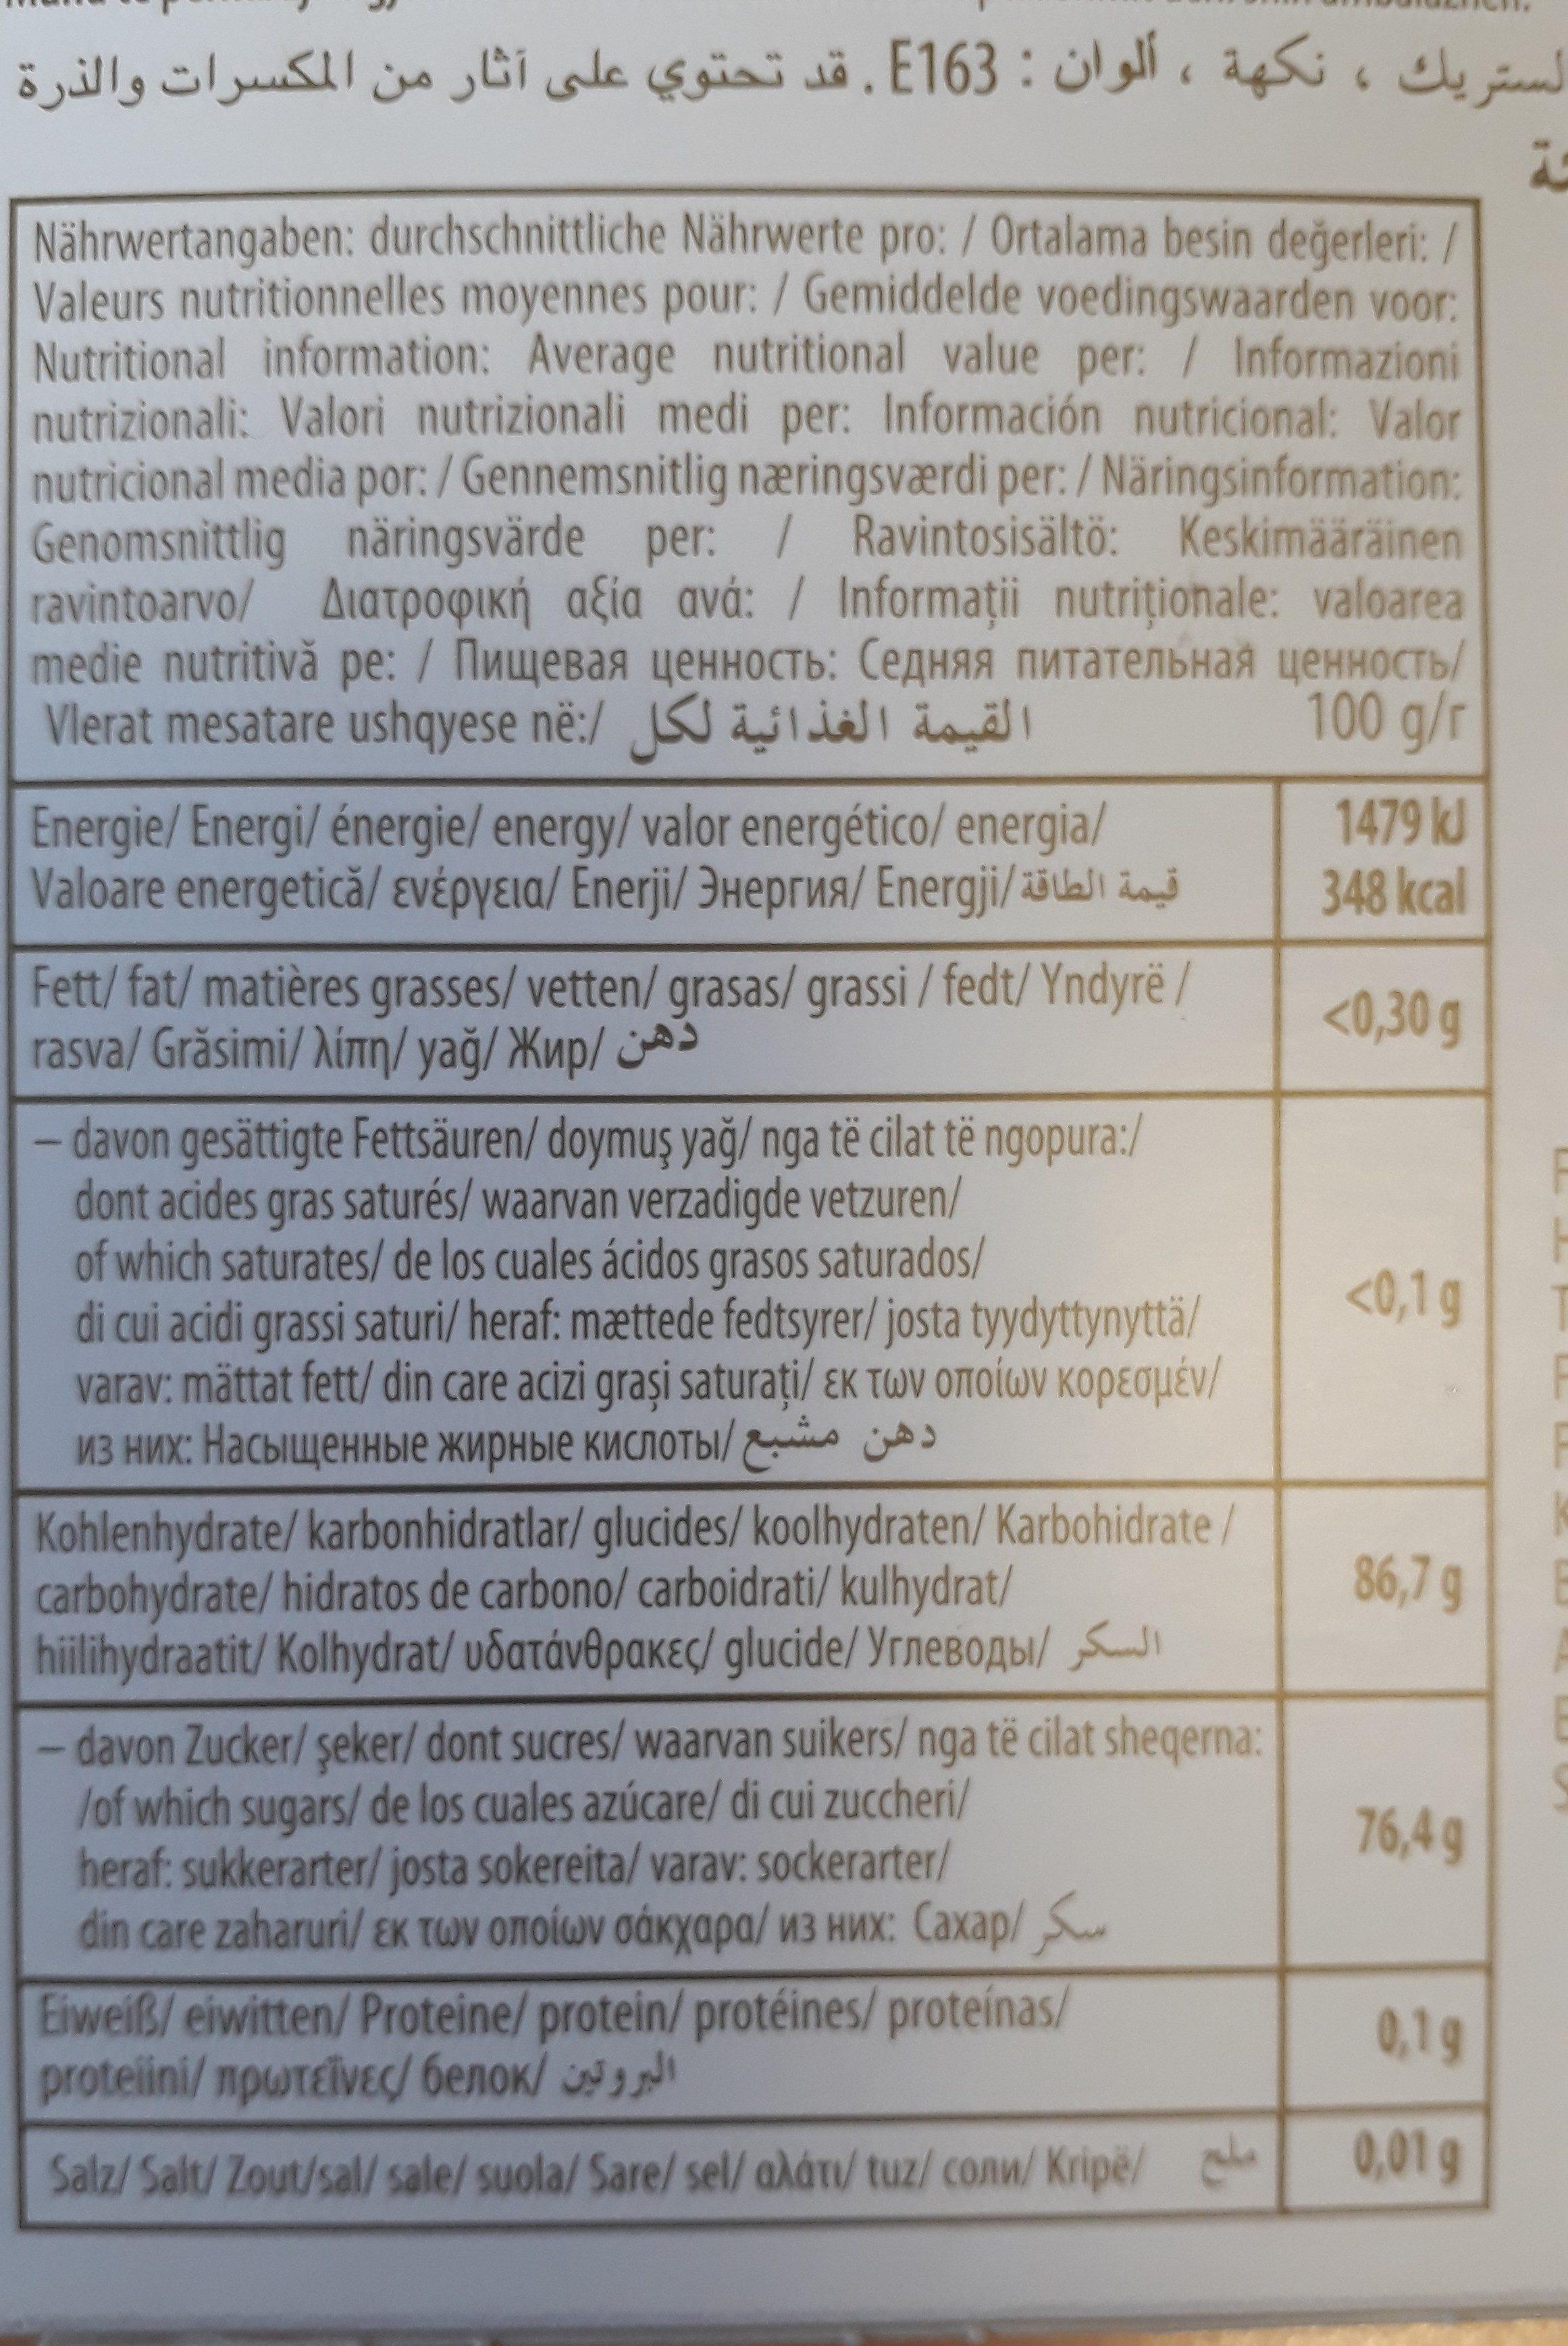 Sebahat Turksfruit Rozen - Ingrédients - en